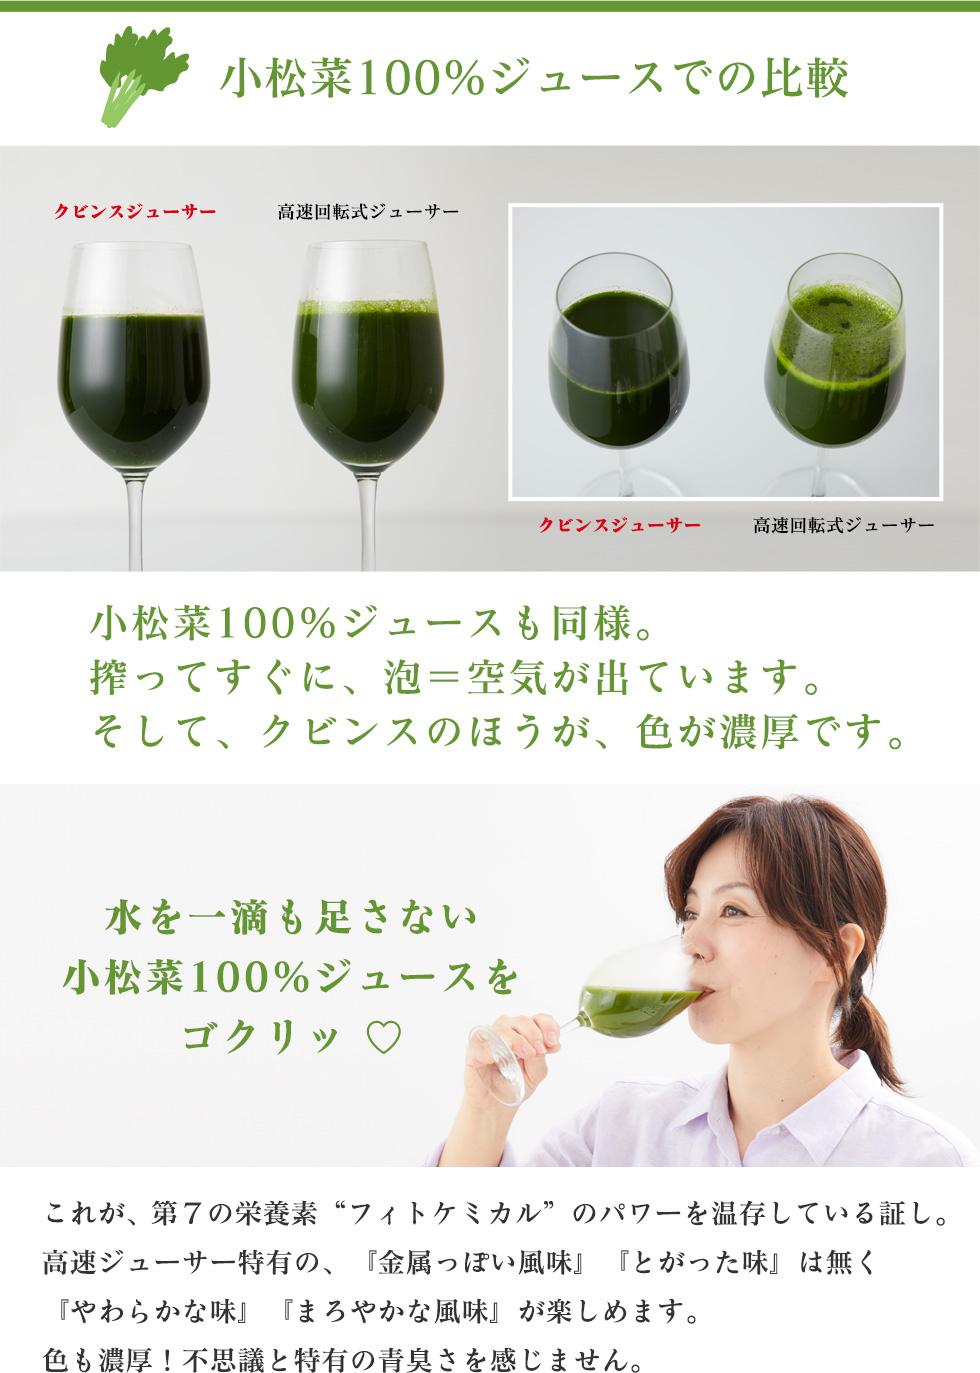 小松菜100%ジュースでの比較